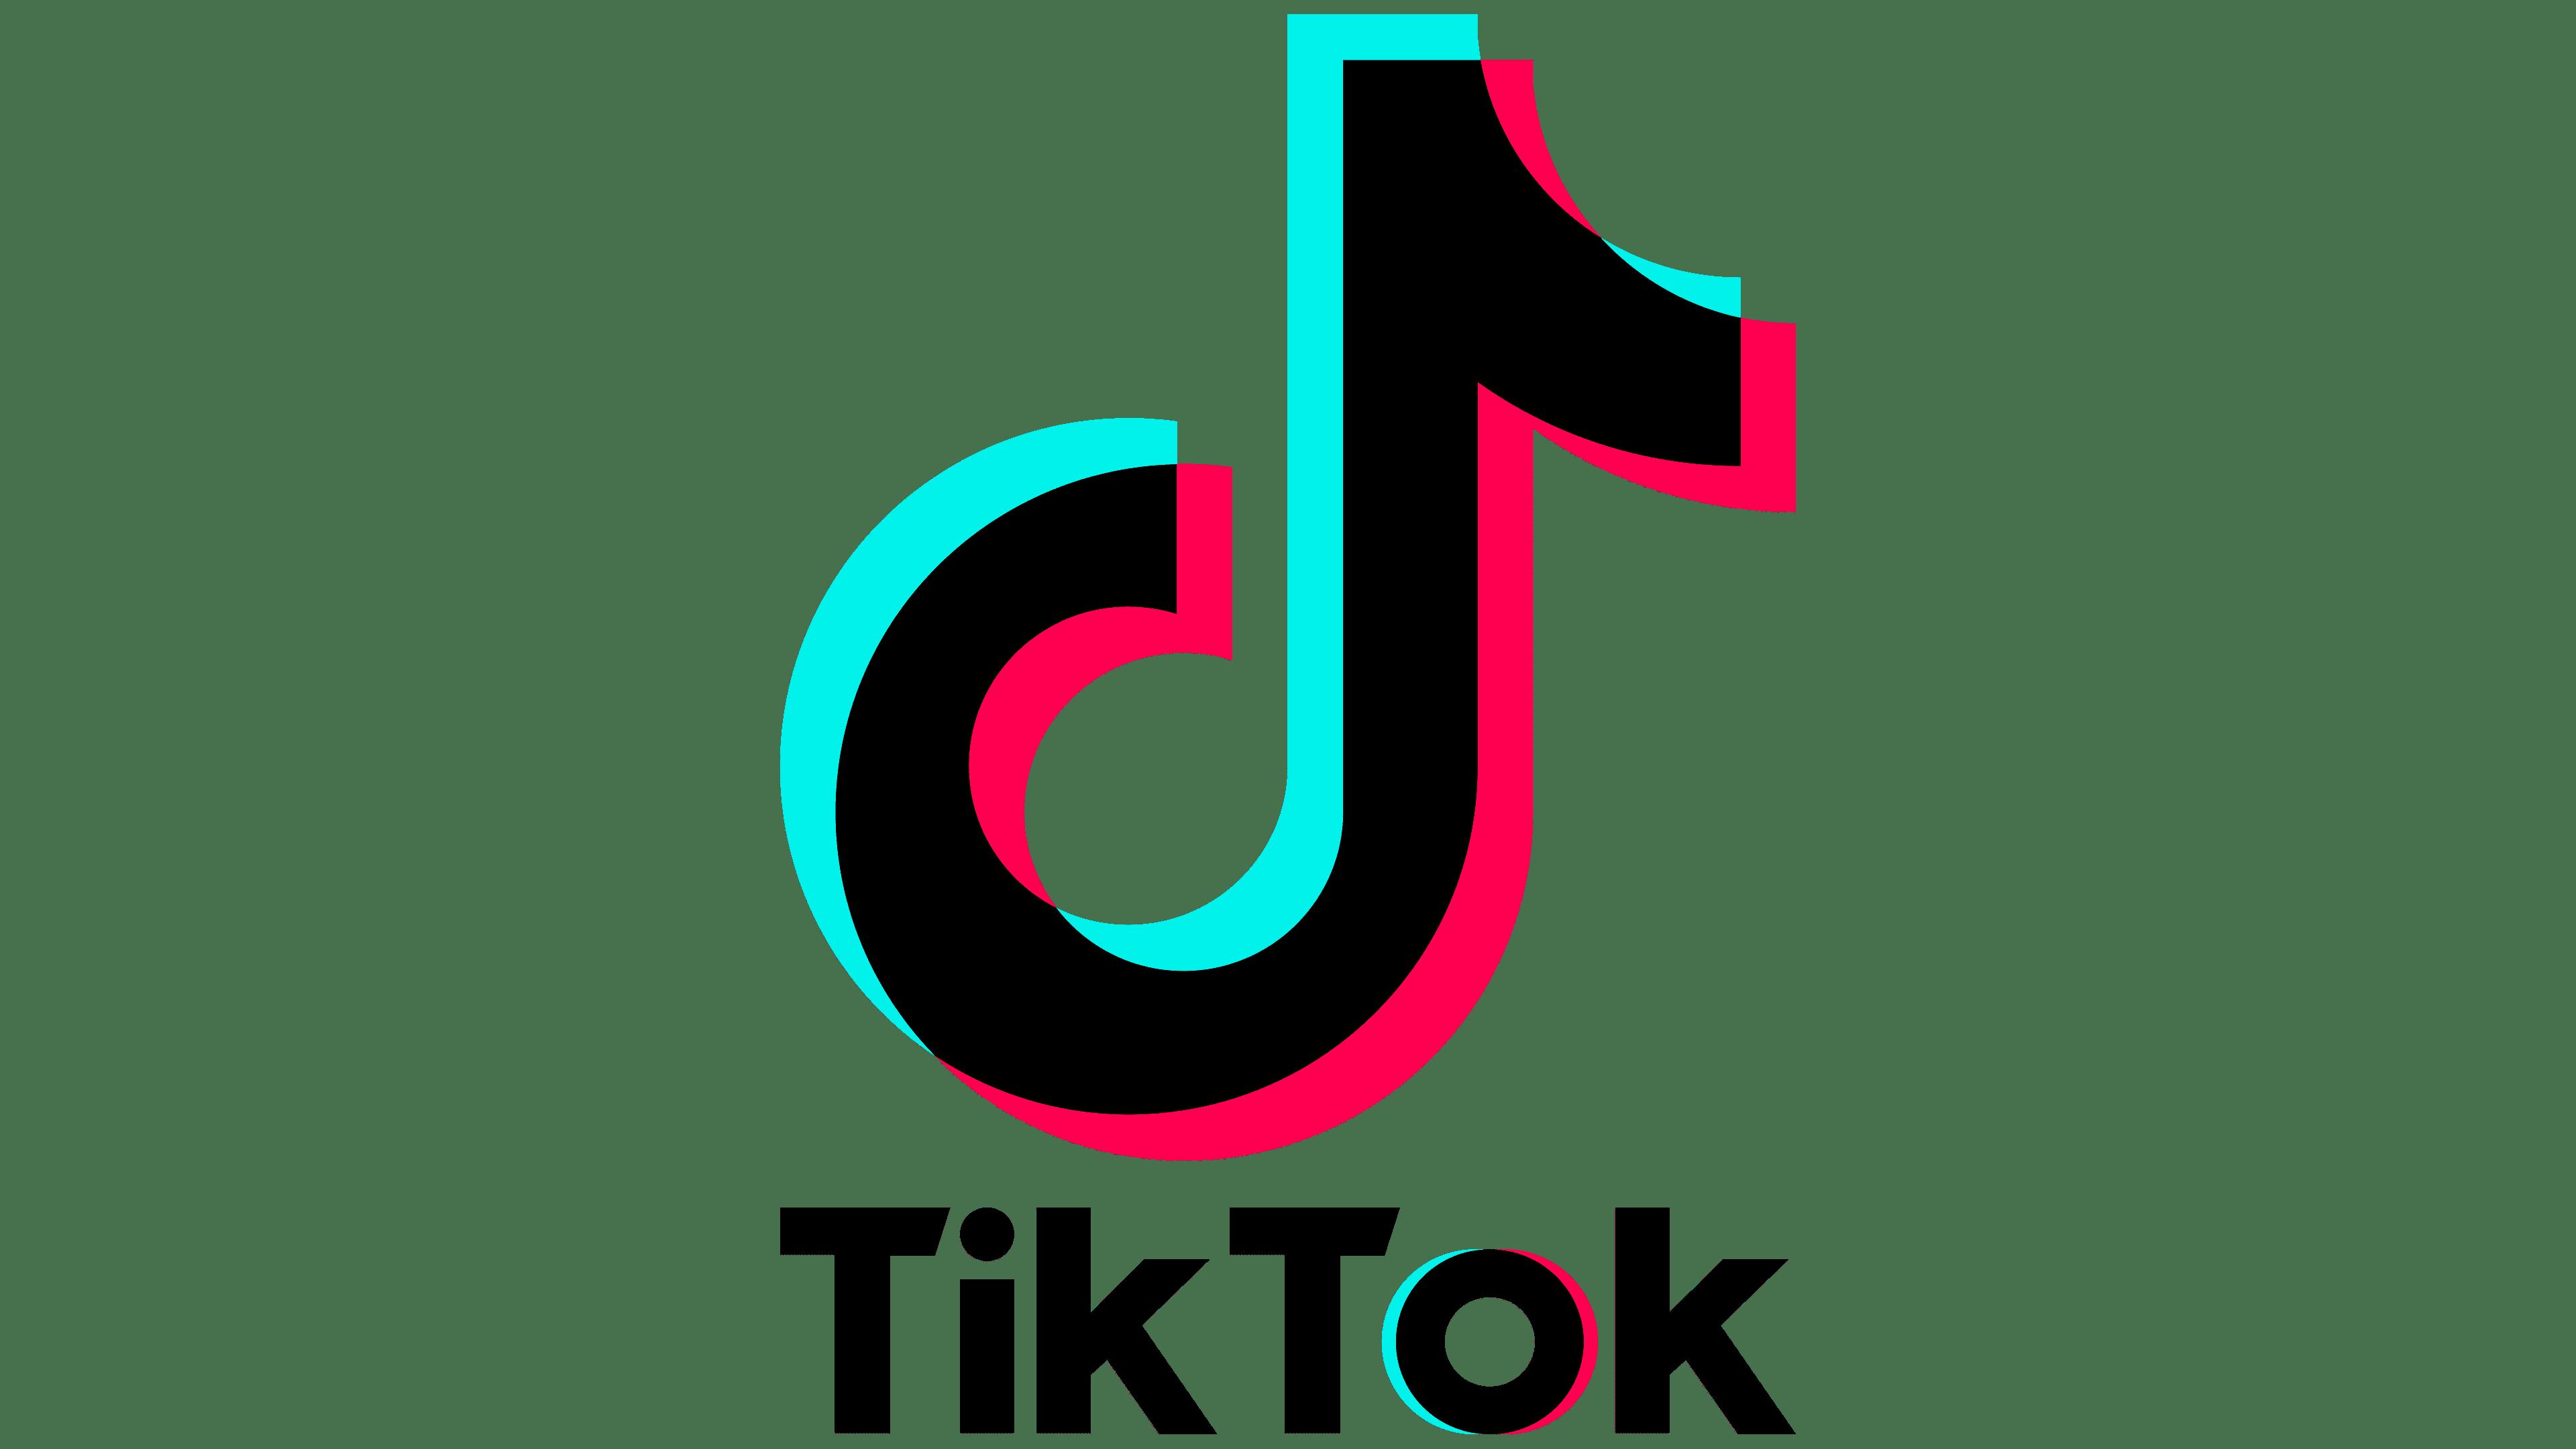 TikTok Style Up Group